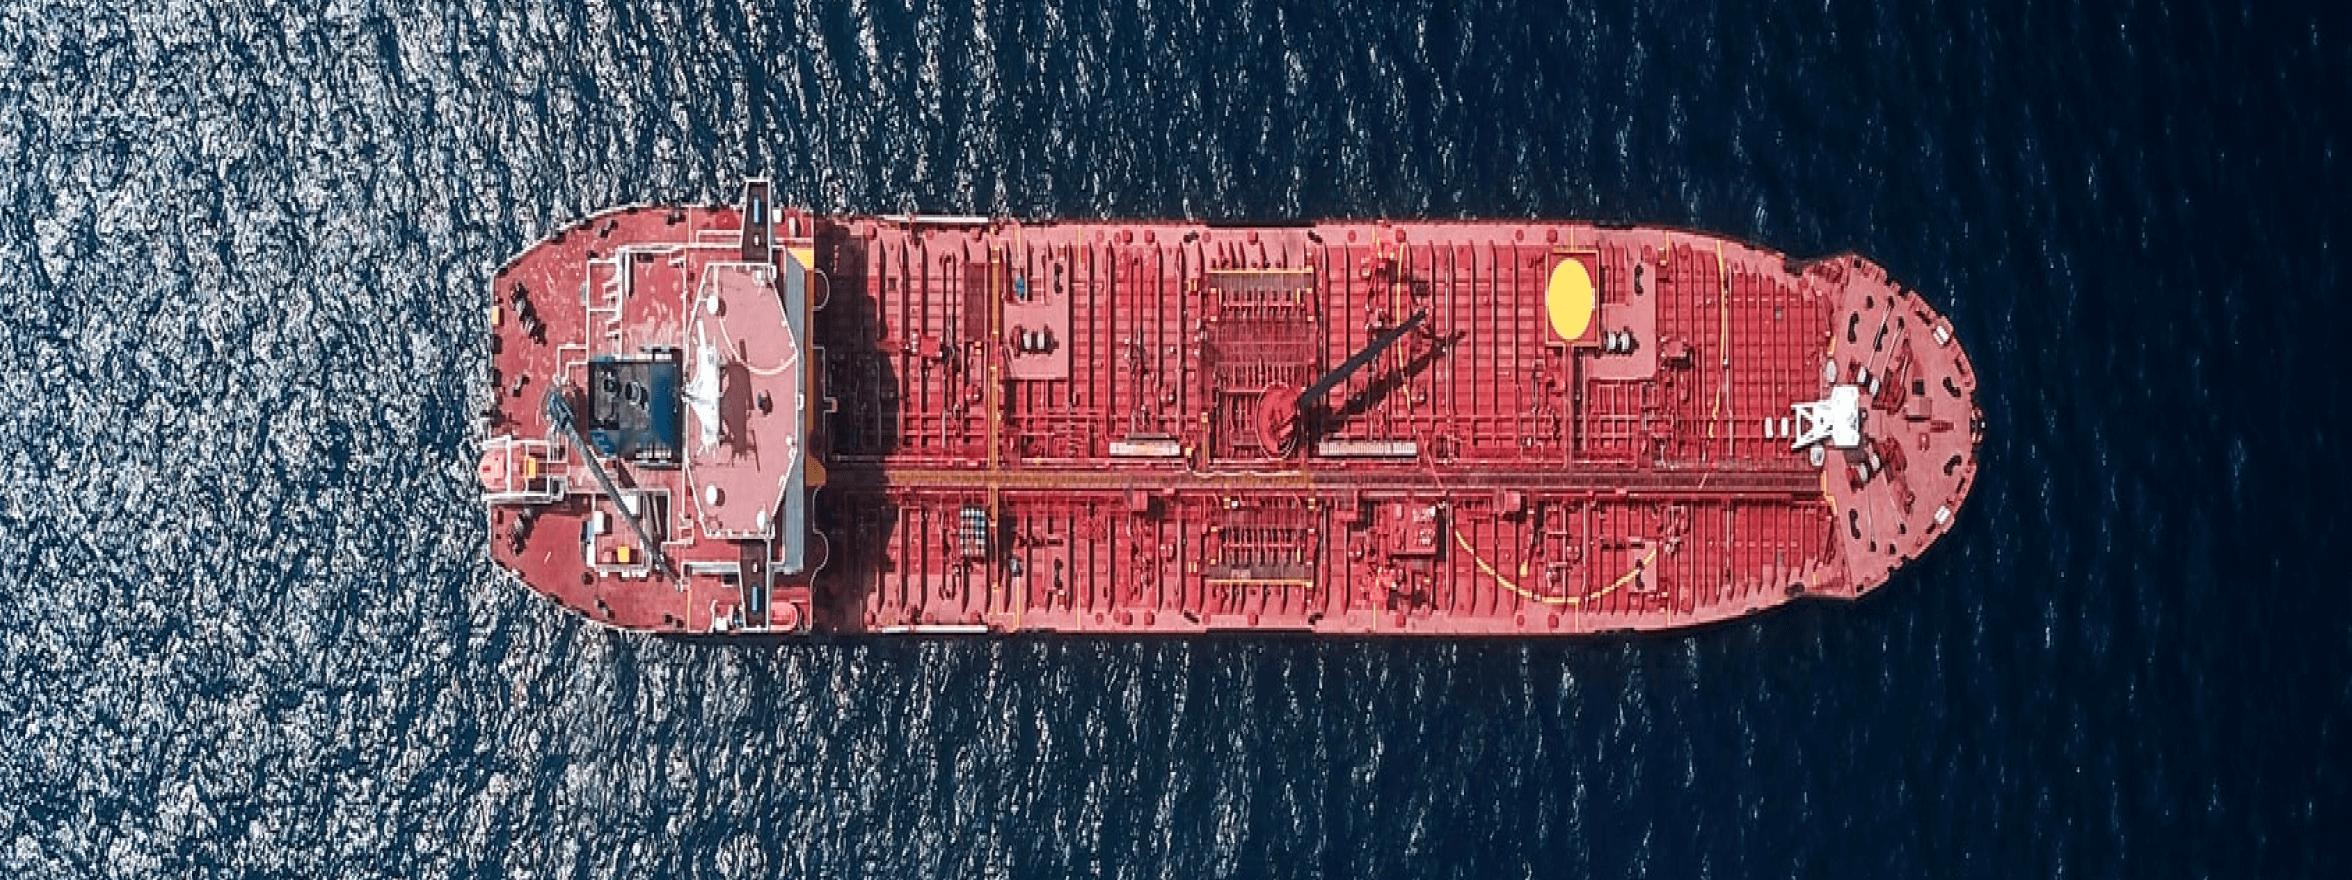 https://www.carshipguru.com/wordpress/wp-content/uploads/2021/10/freight-ship.png